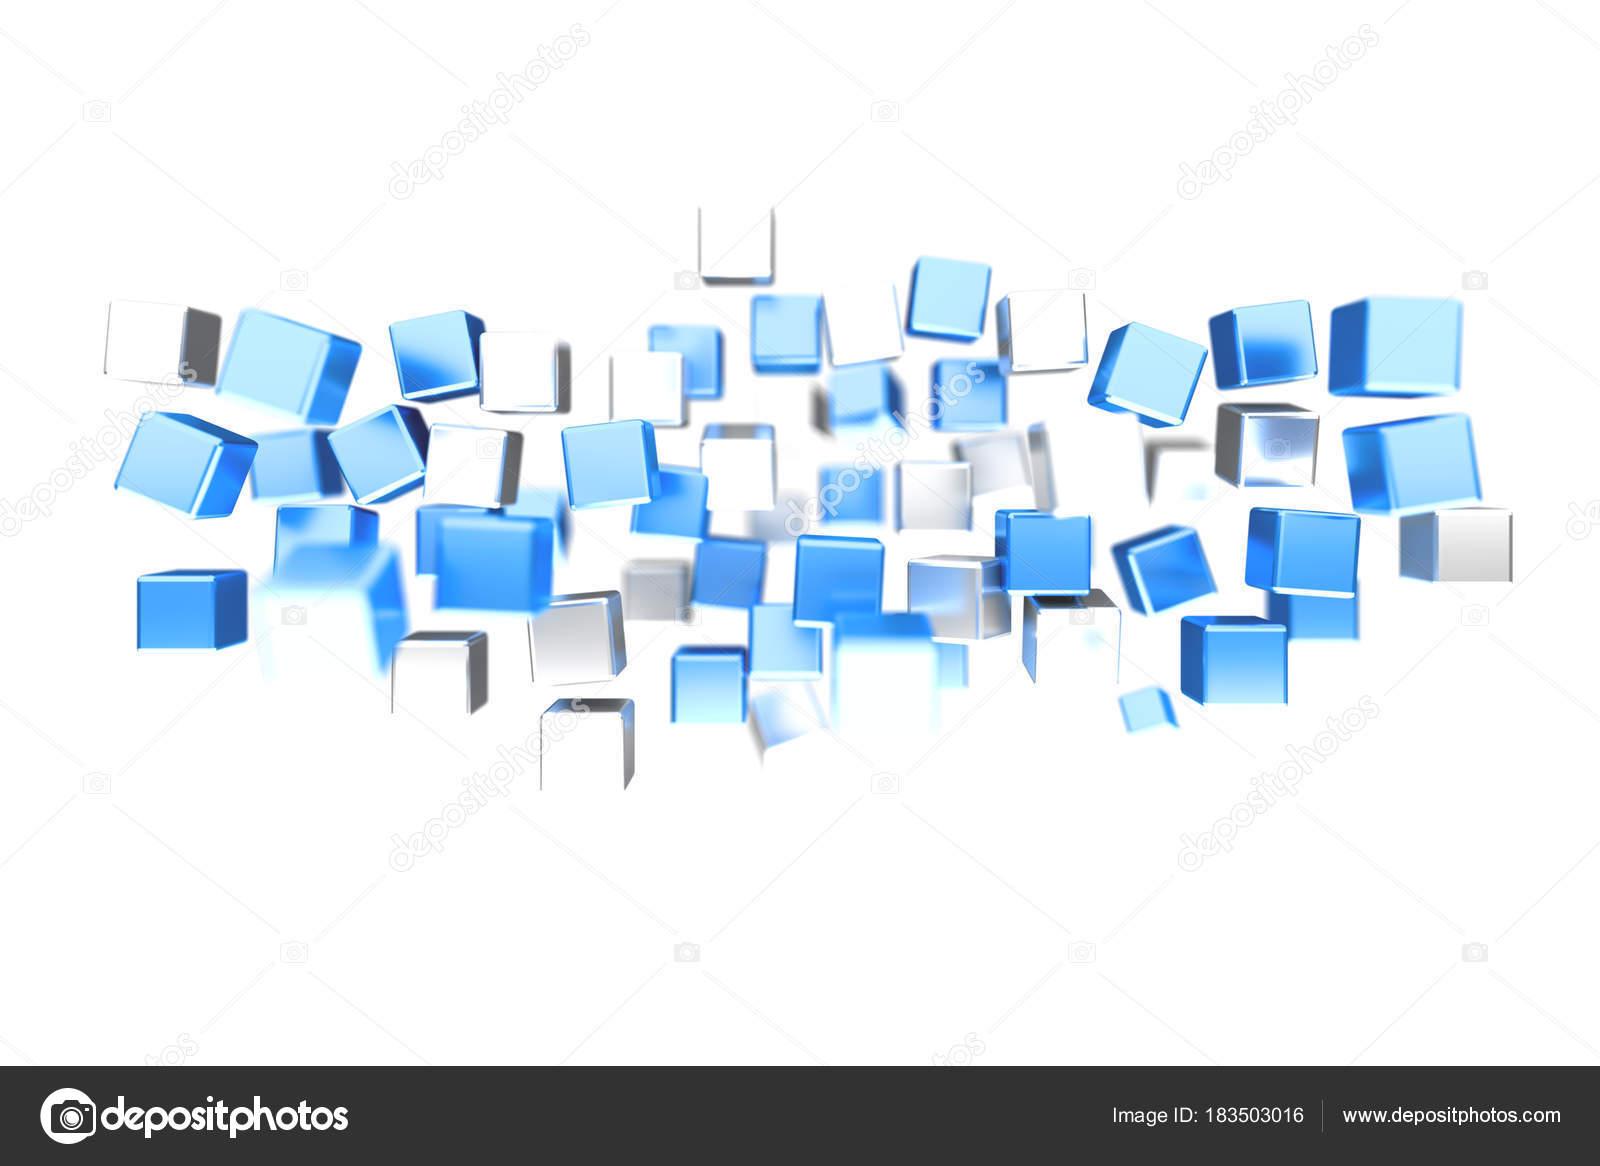 e025b11d8f Kilátás a 3d rendering kék és fehér színű háttér kocka — Fotó szerzőtől ...